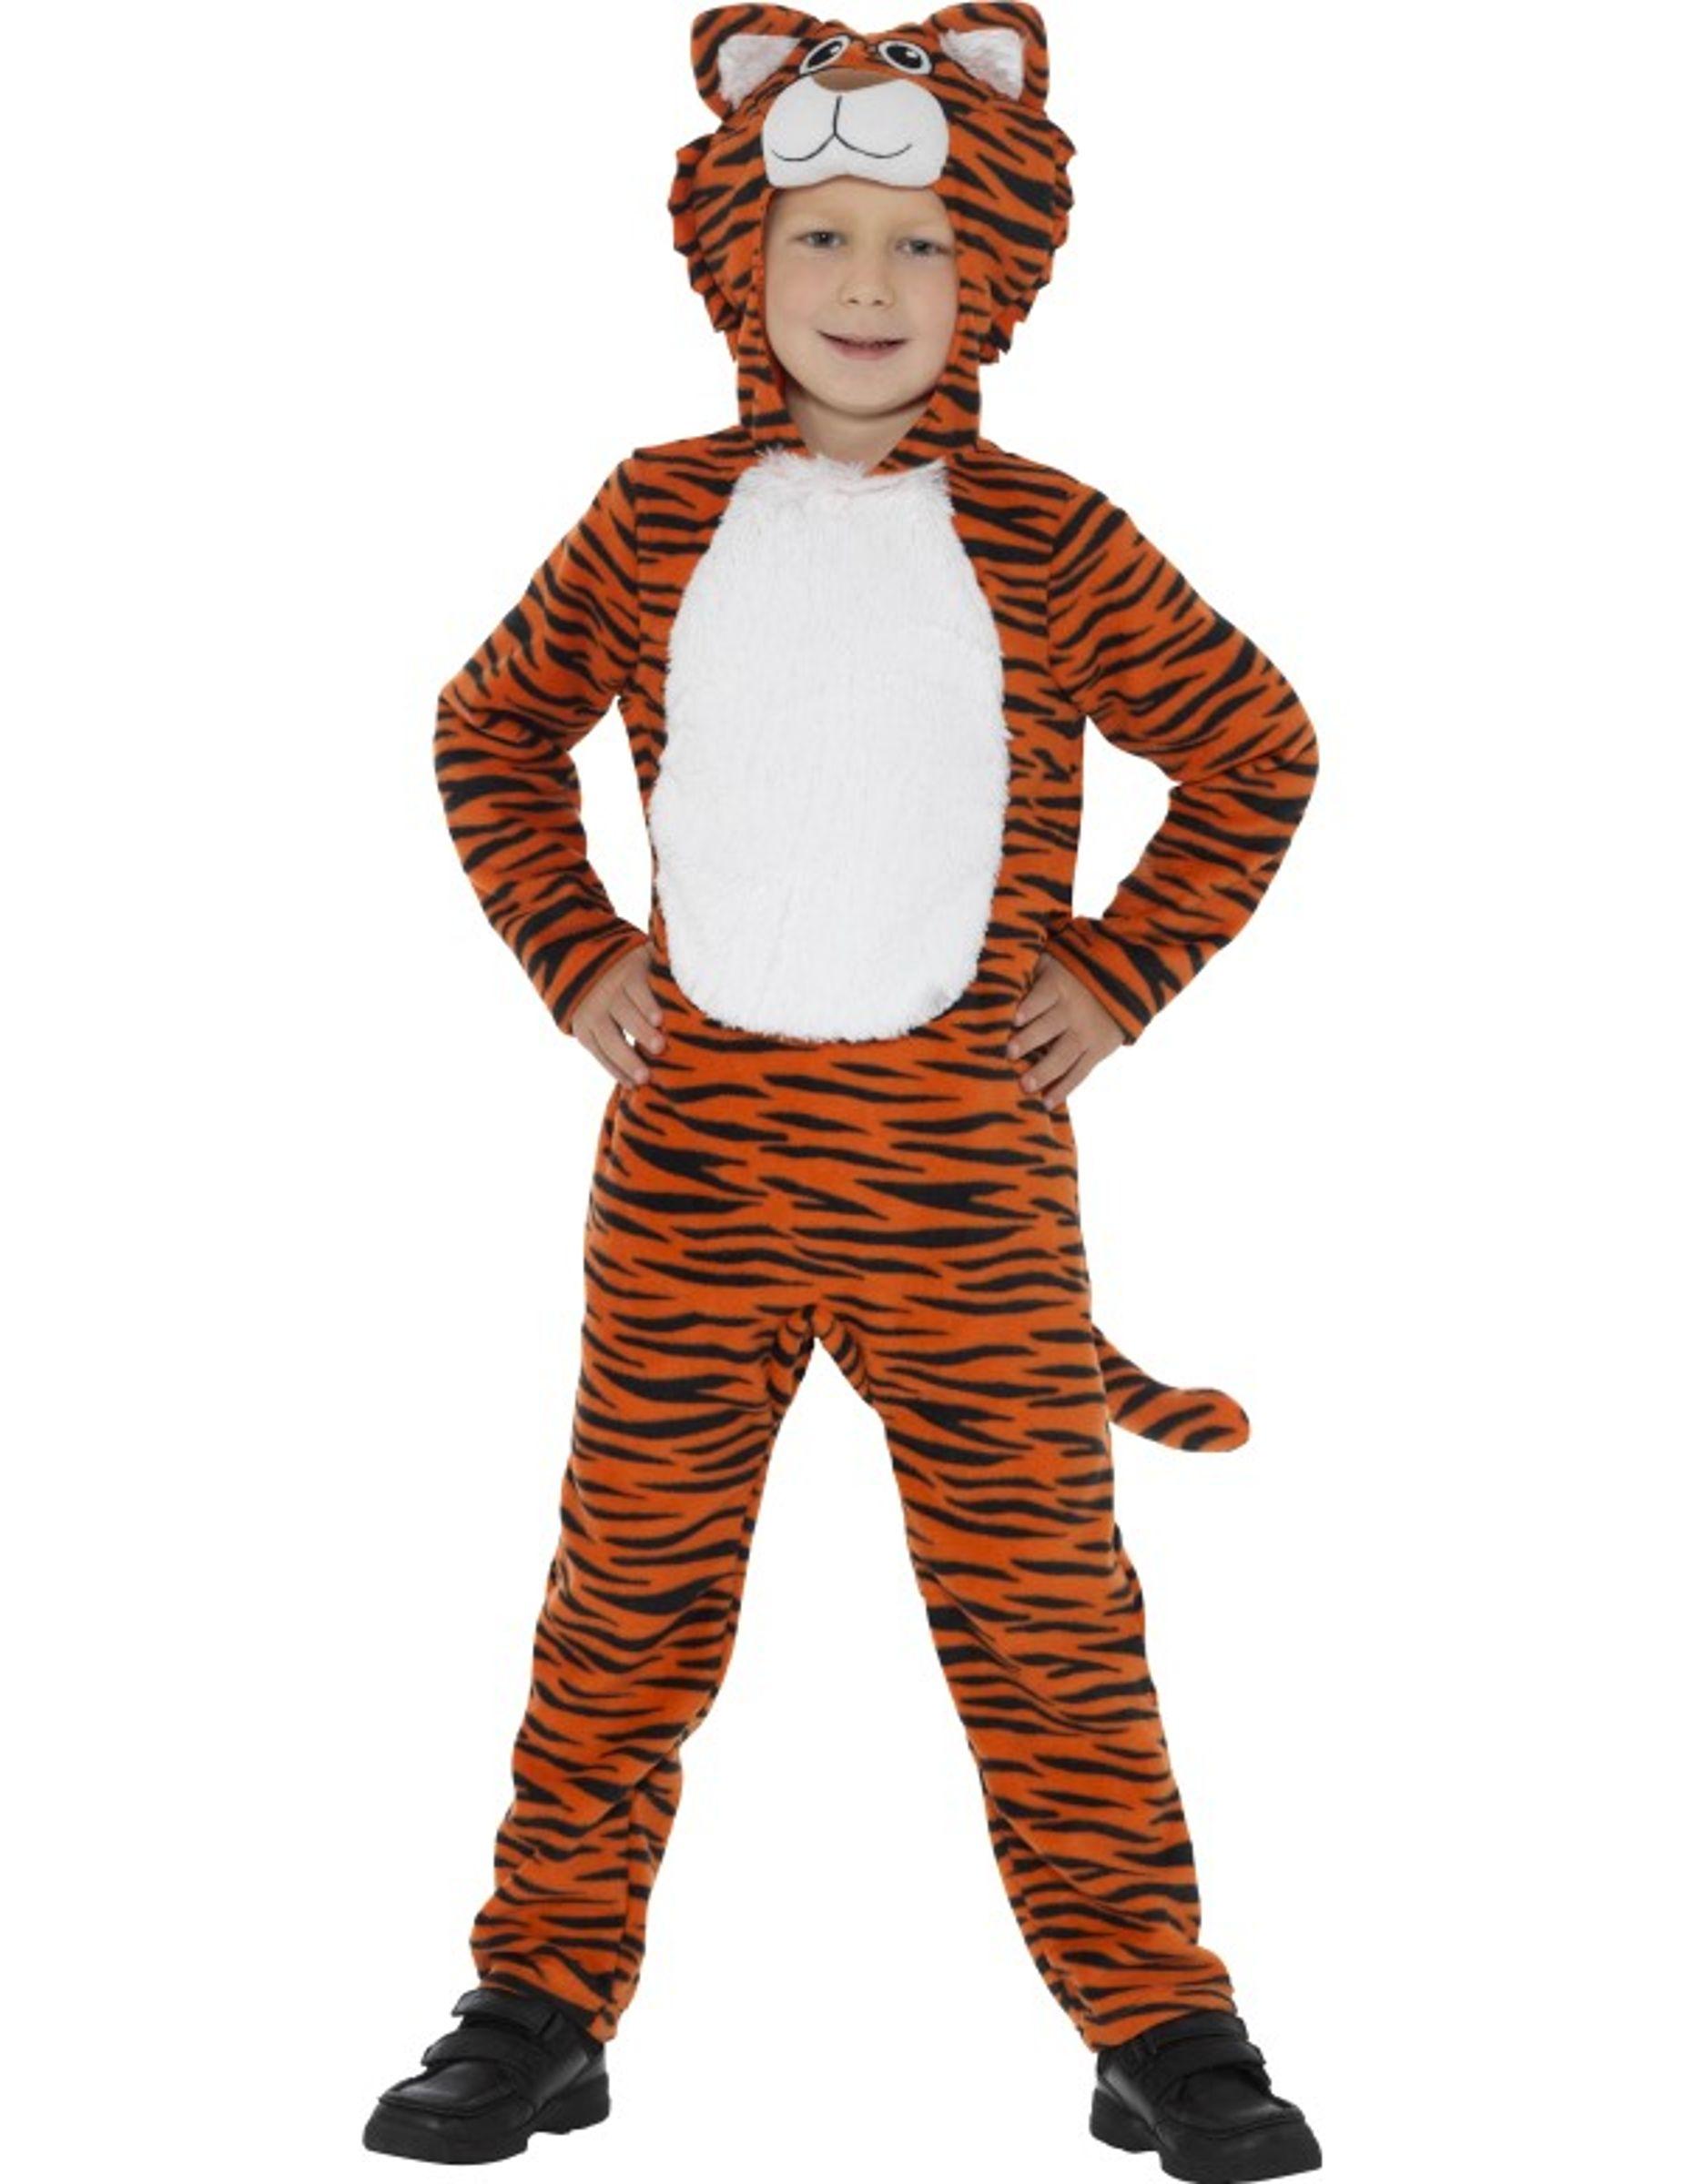 3b01ff9150b Tijger onesie voor kinderen: Dit tijger kostuum voor kinderen bestaat uit  een onesie met staart